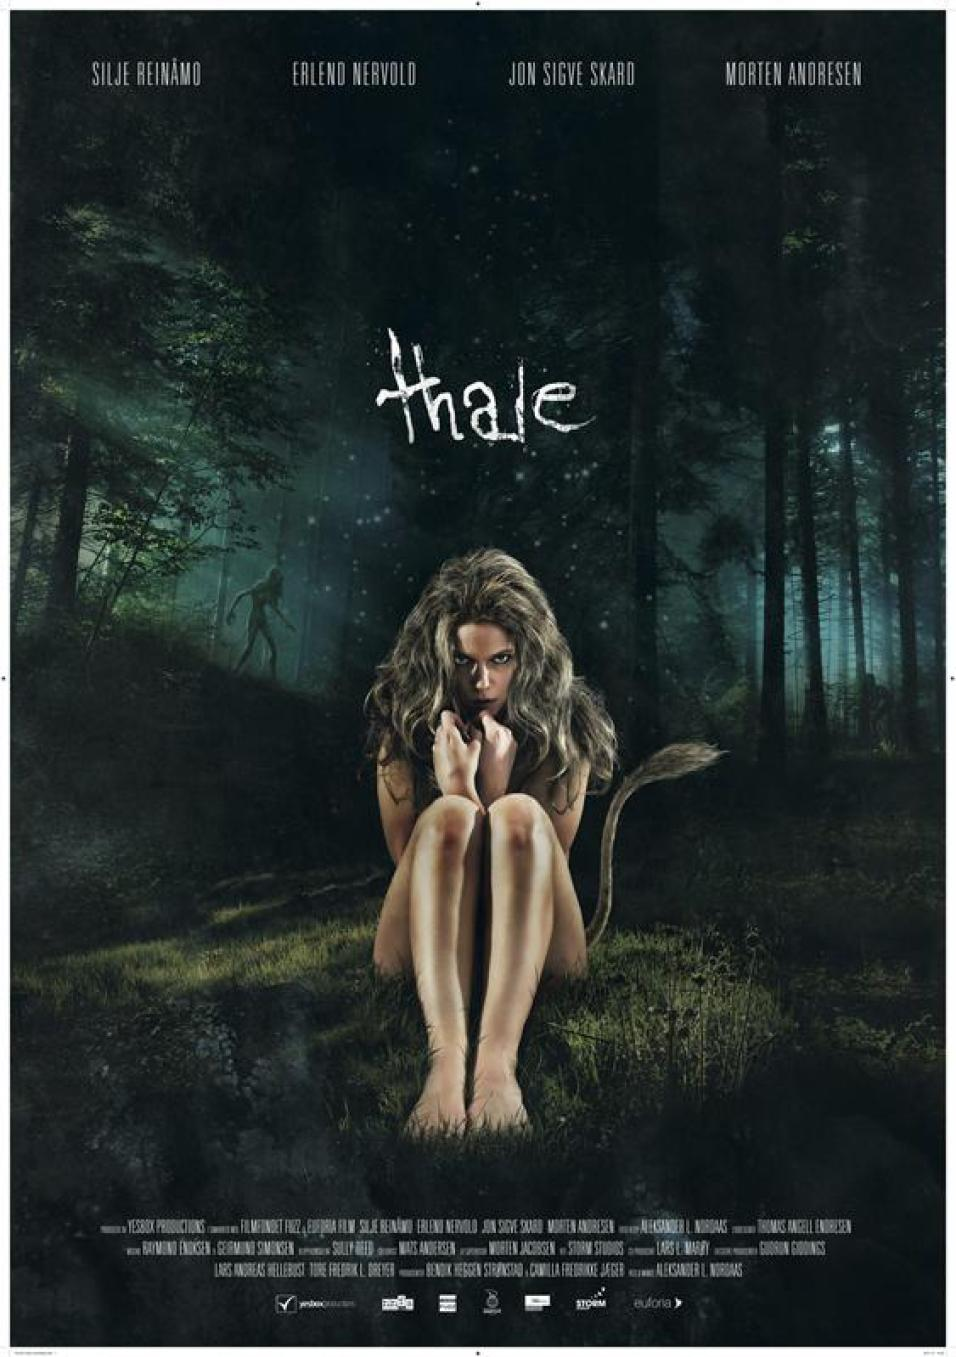 7_thale_051112